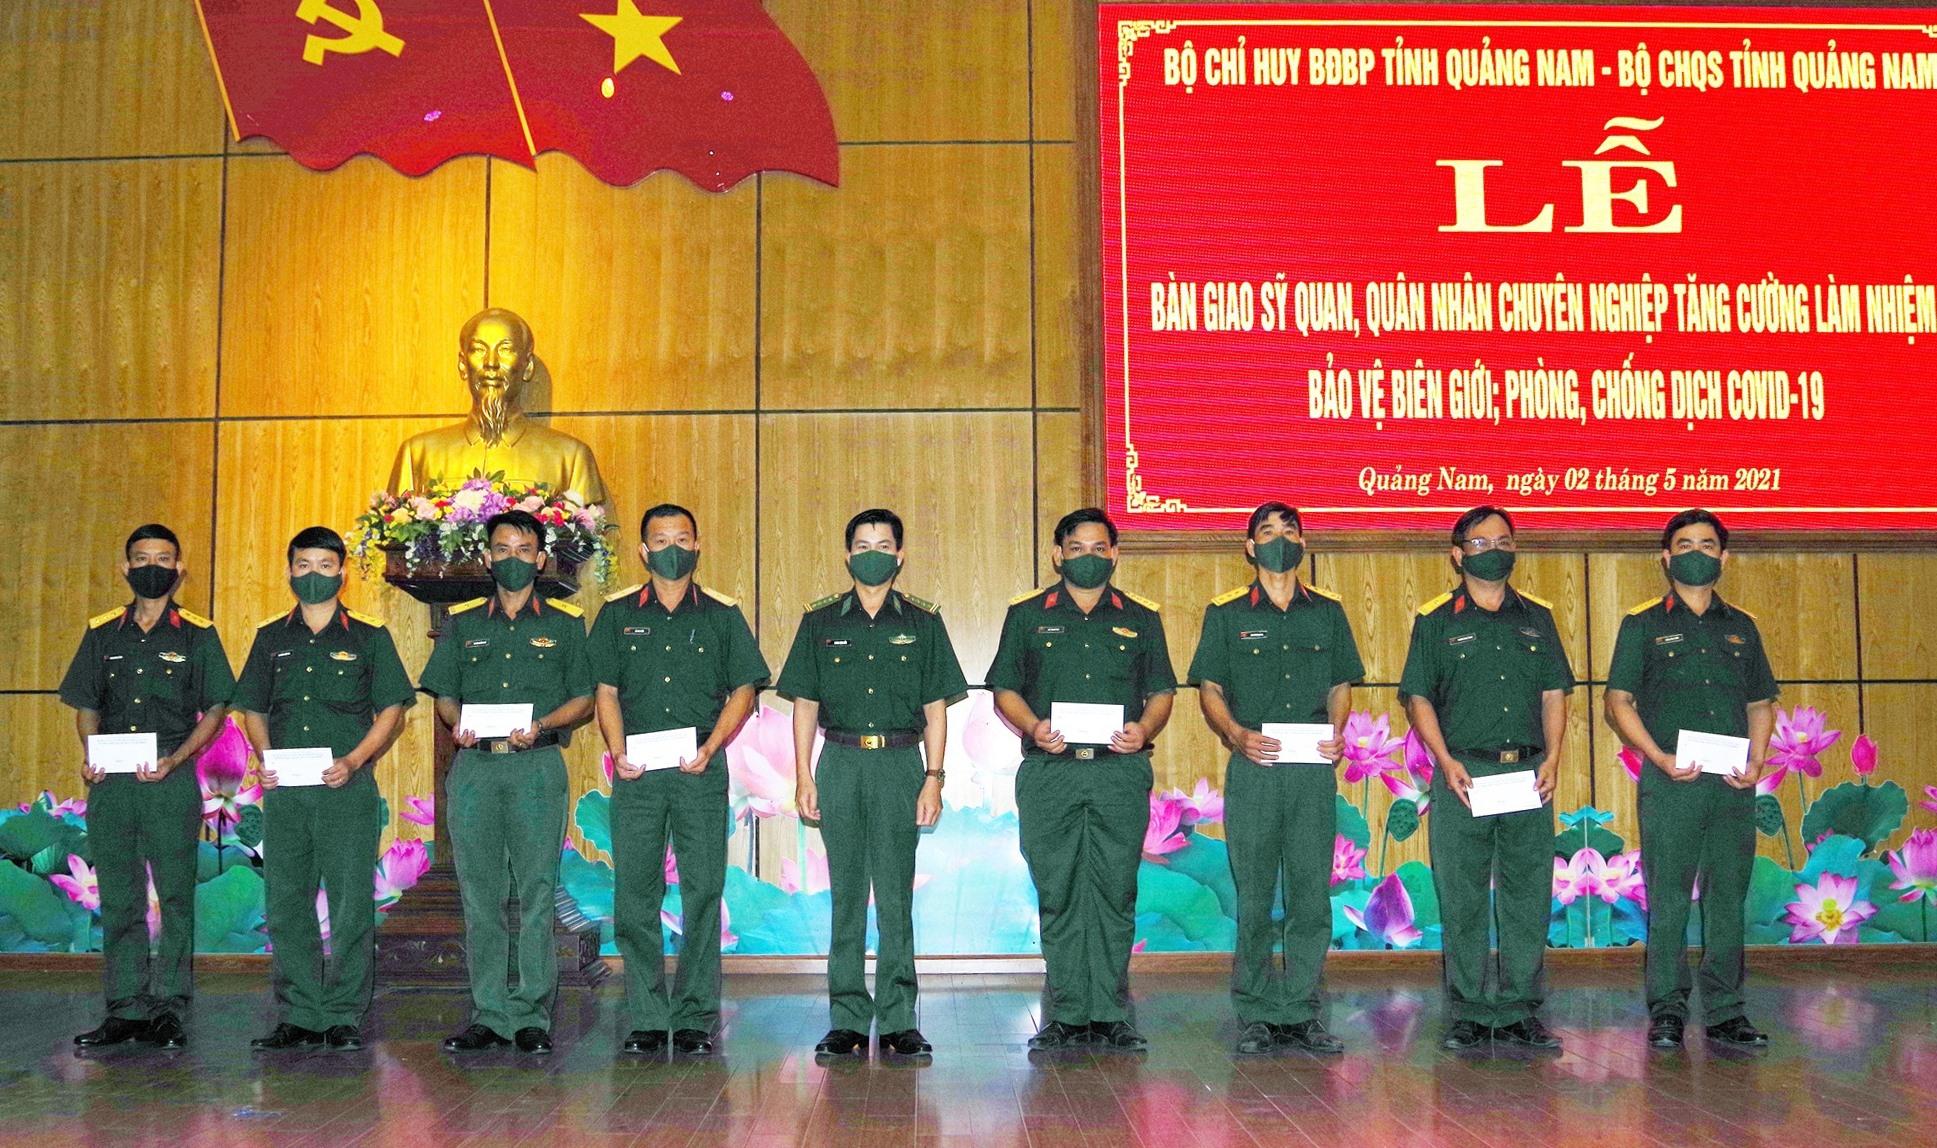 Bộ chỉ huy BĐBP tỉnh tặng quà cán bộ tăng cường làm nhiệm vụ bảo vệ biên giới, phòng, chống Covid - 19. Ảnh: HỒNG ANH